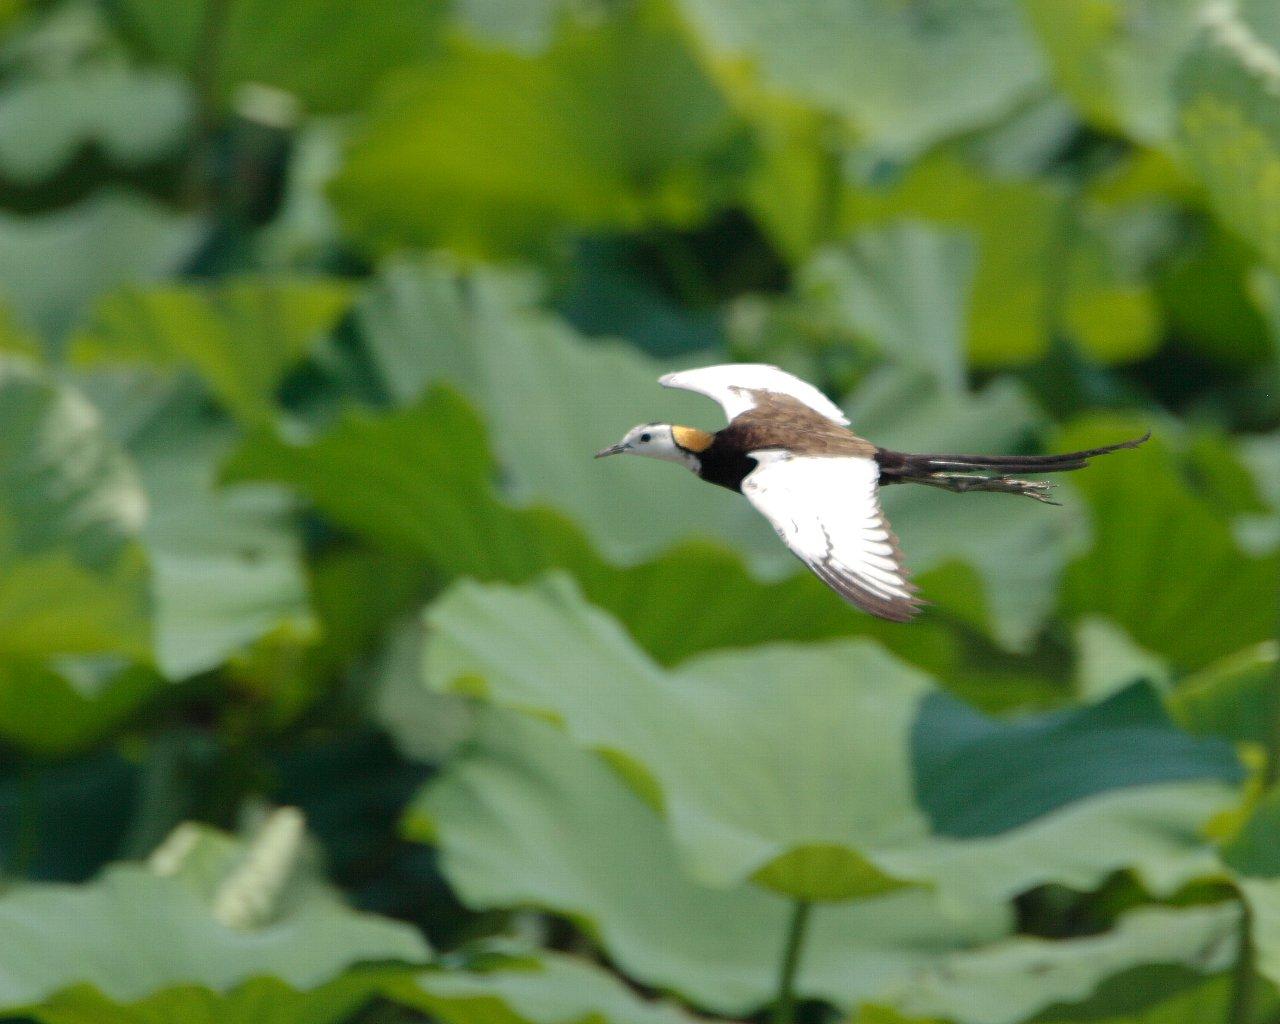 蓮の上を飛ぶレンカク(夏らしい野鳥の壁紙)_f0105570_21472030.jpg